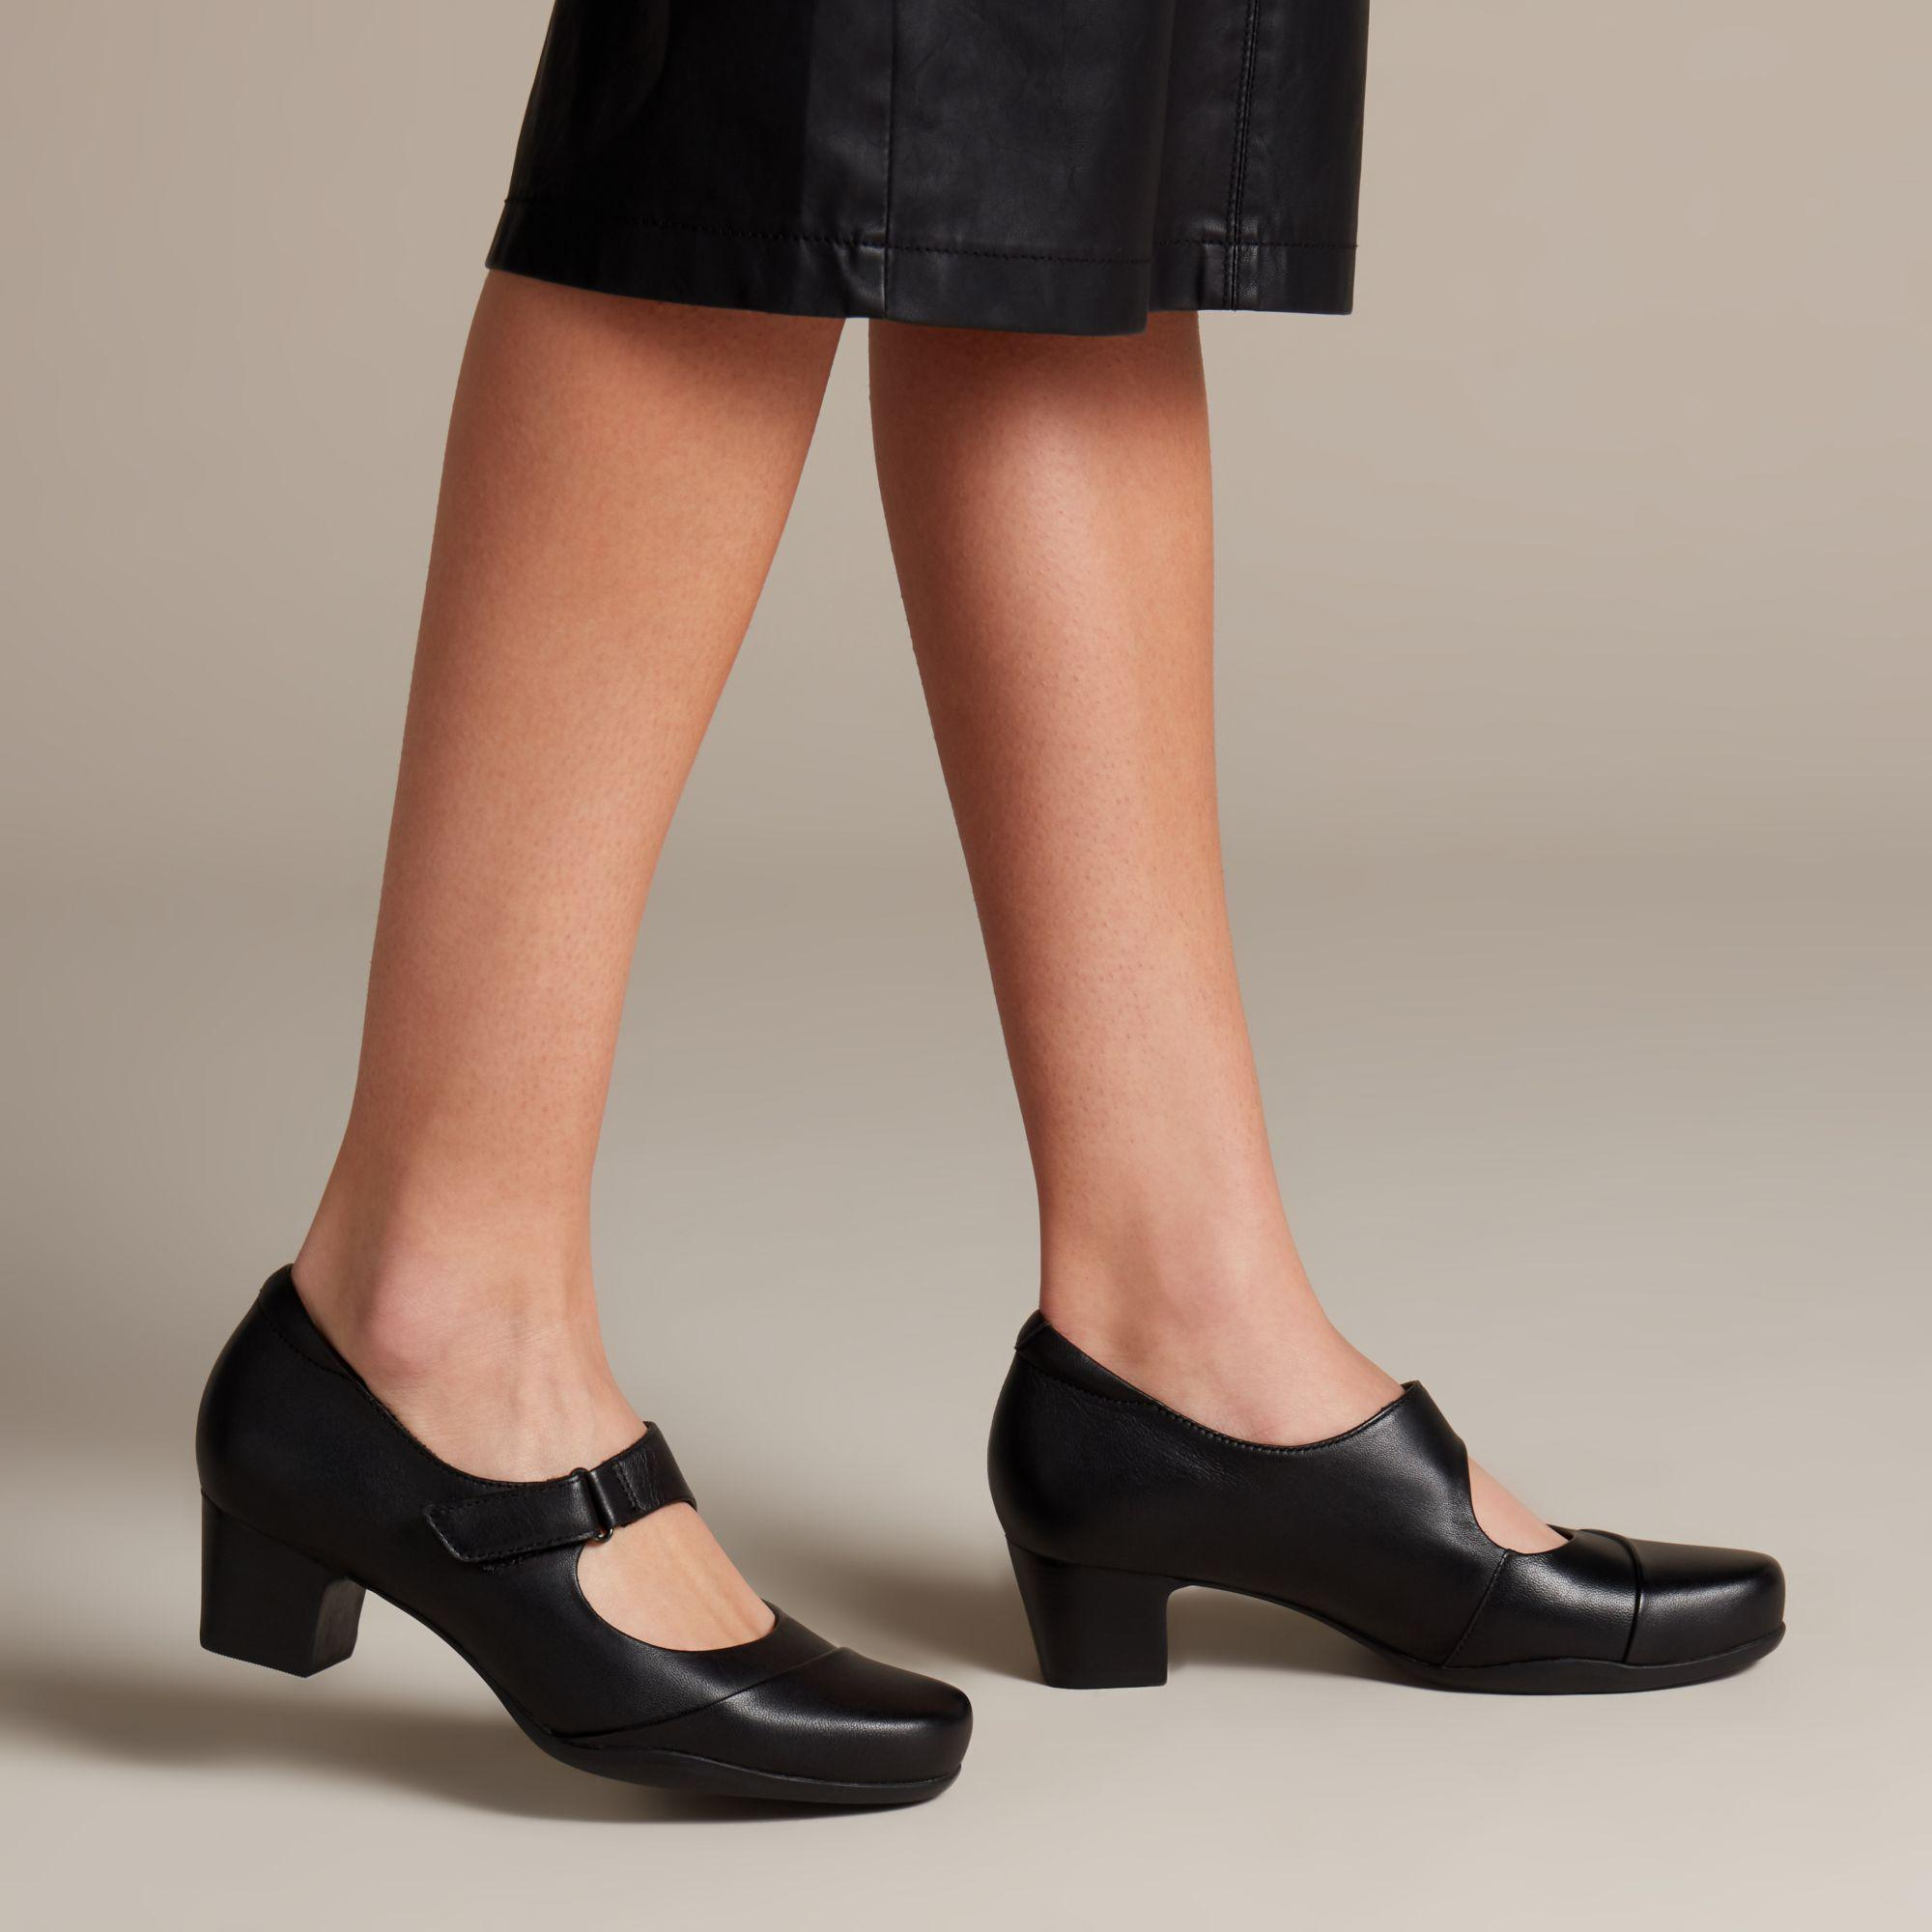 clarks shoes rosalyn wren off 65% - www